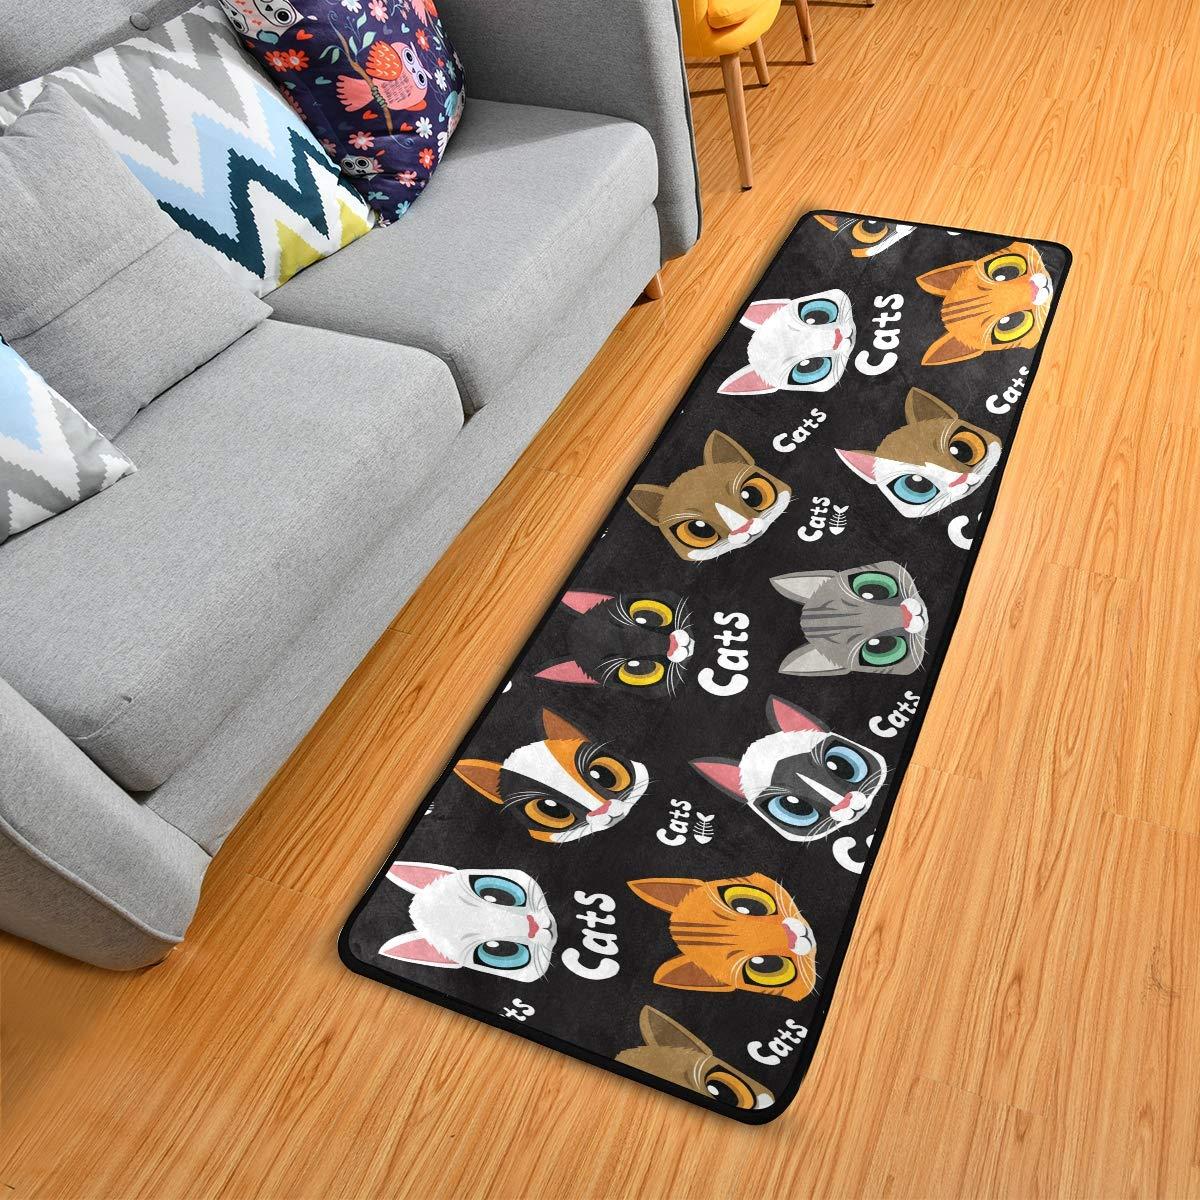 Hallway Runner Rug Rubber Backing - Cute Cats Runner Rug for Kitchen Rug Carpet Runner Non Skid Washable Rug Runner 2x6